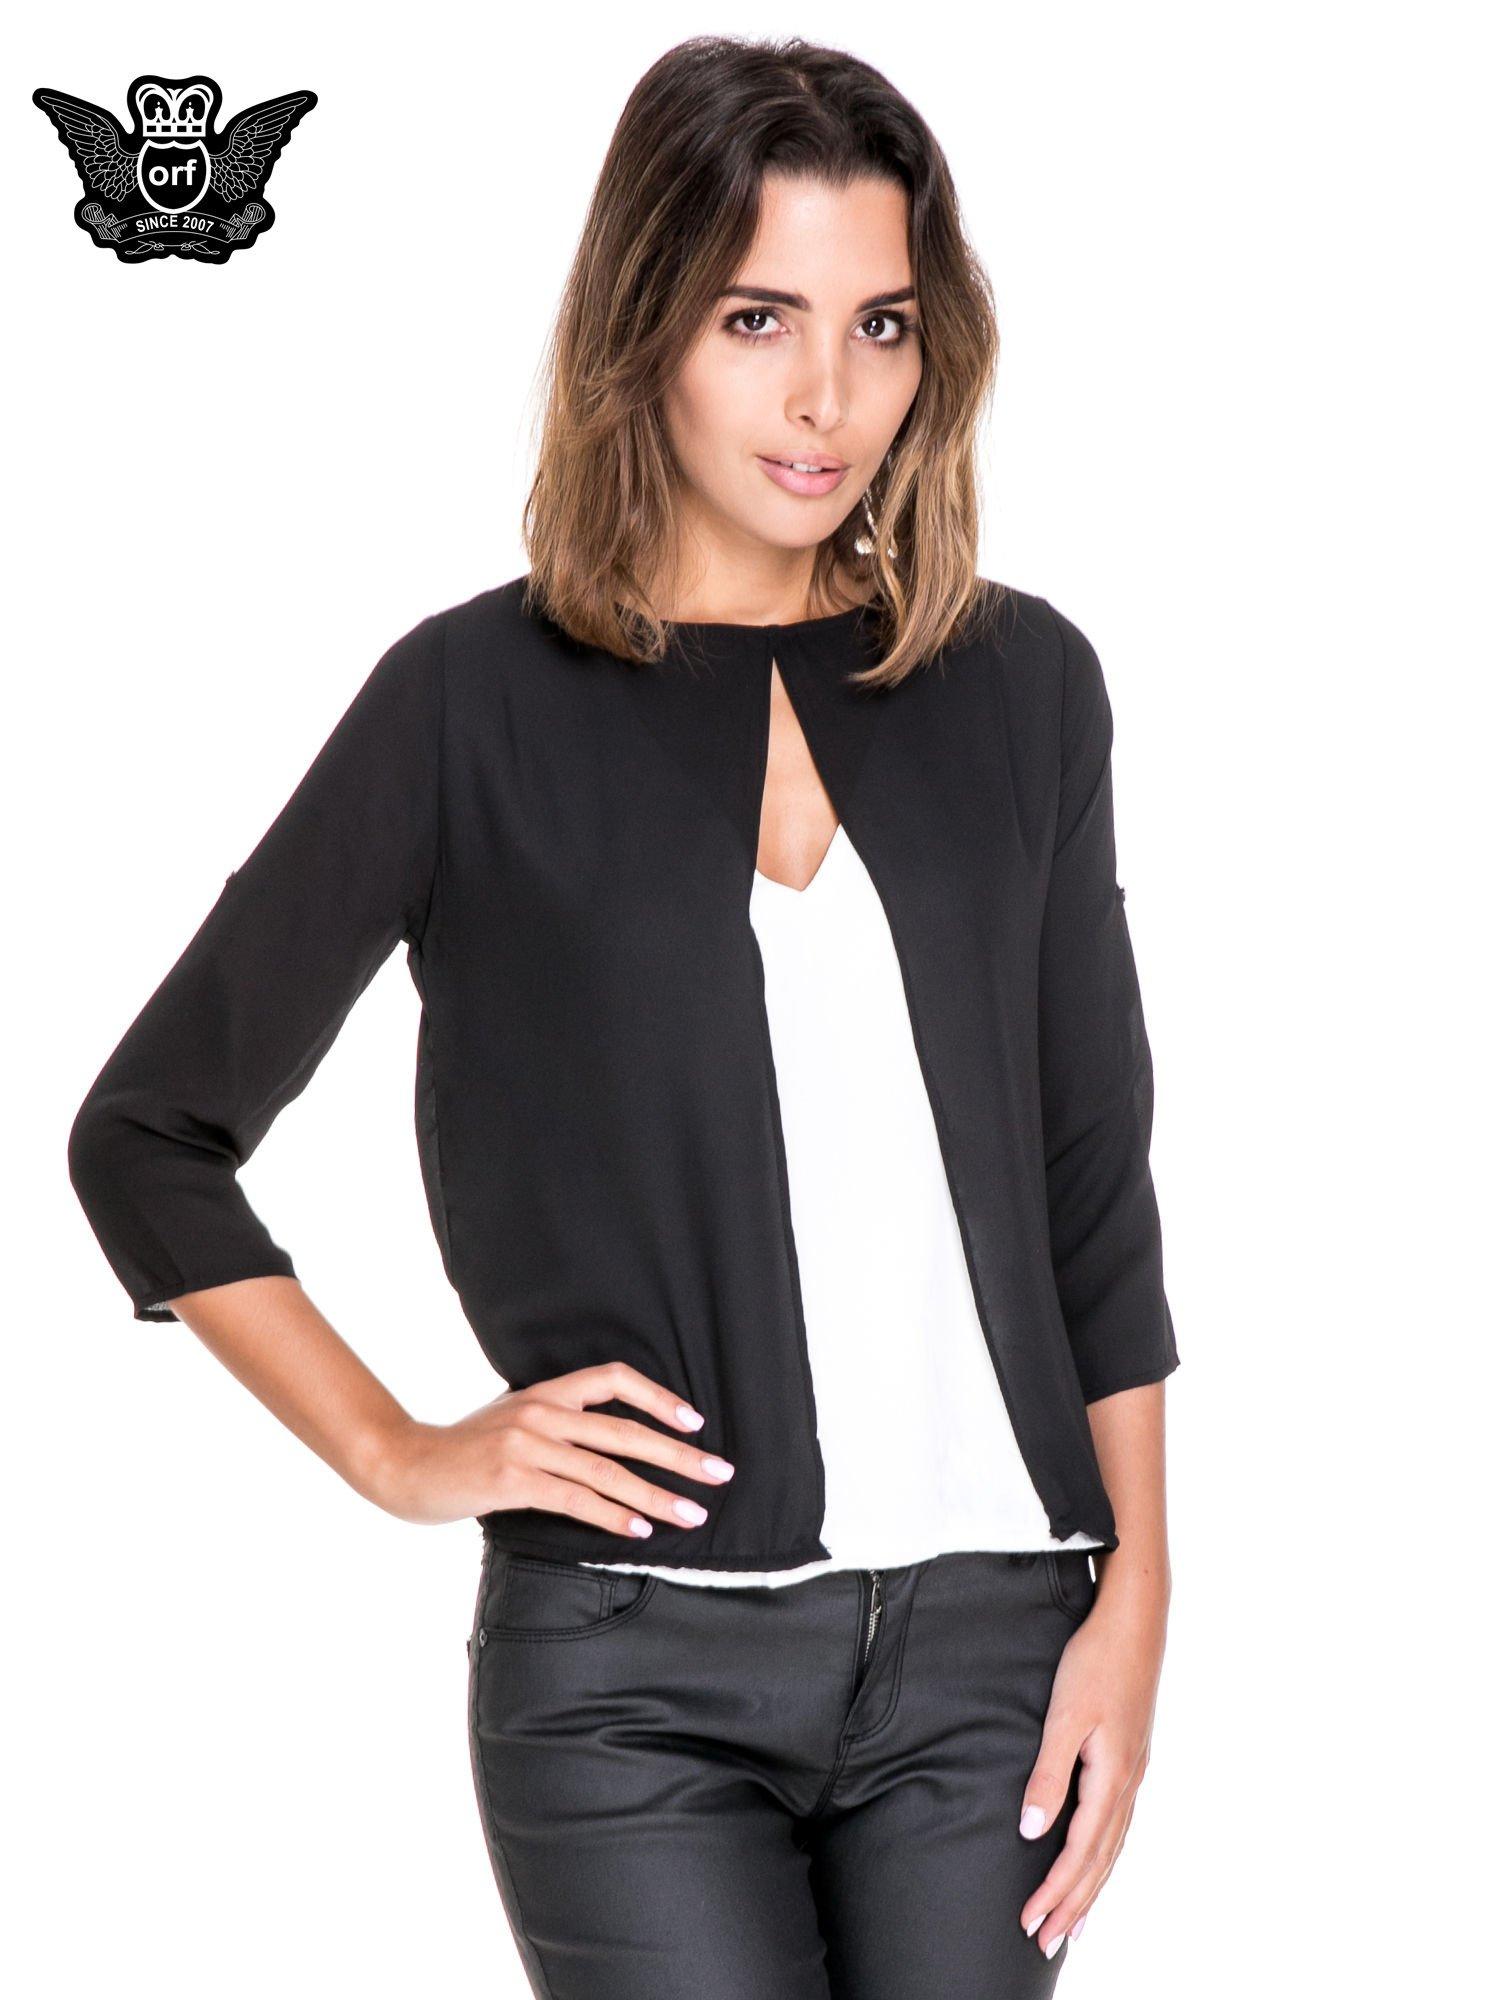 Czarno-biała dwuwarstwowa koszula o kroju narzutki                                  zdj.                                  1